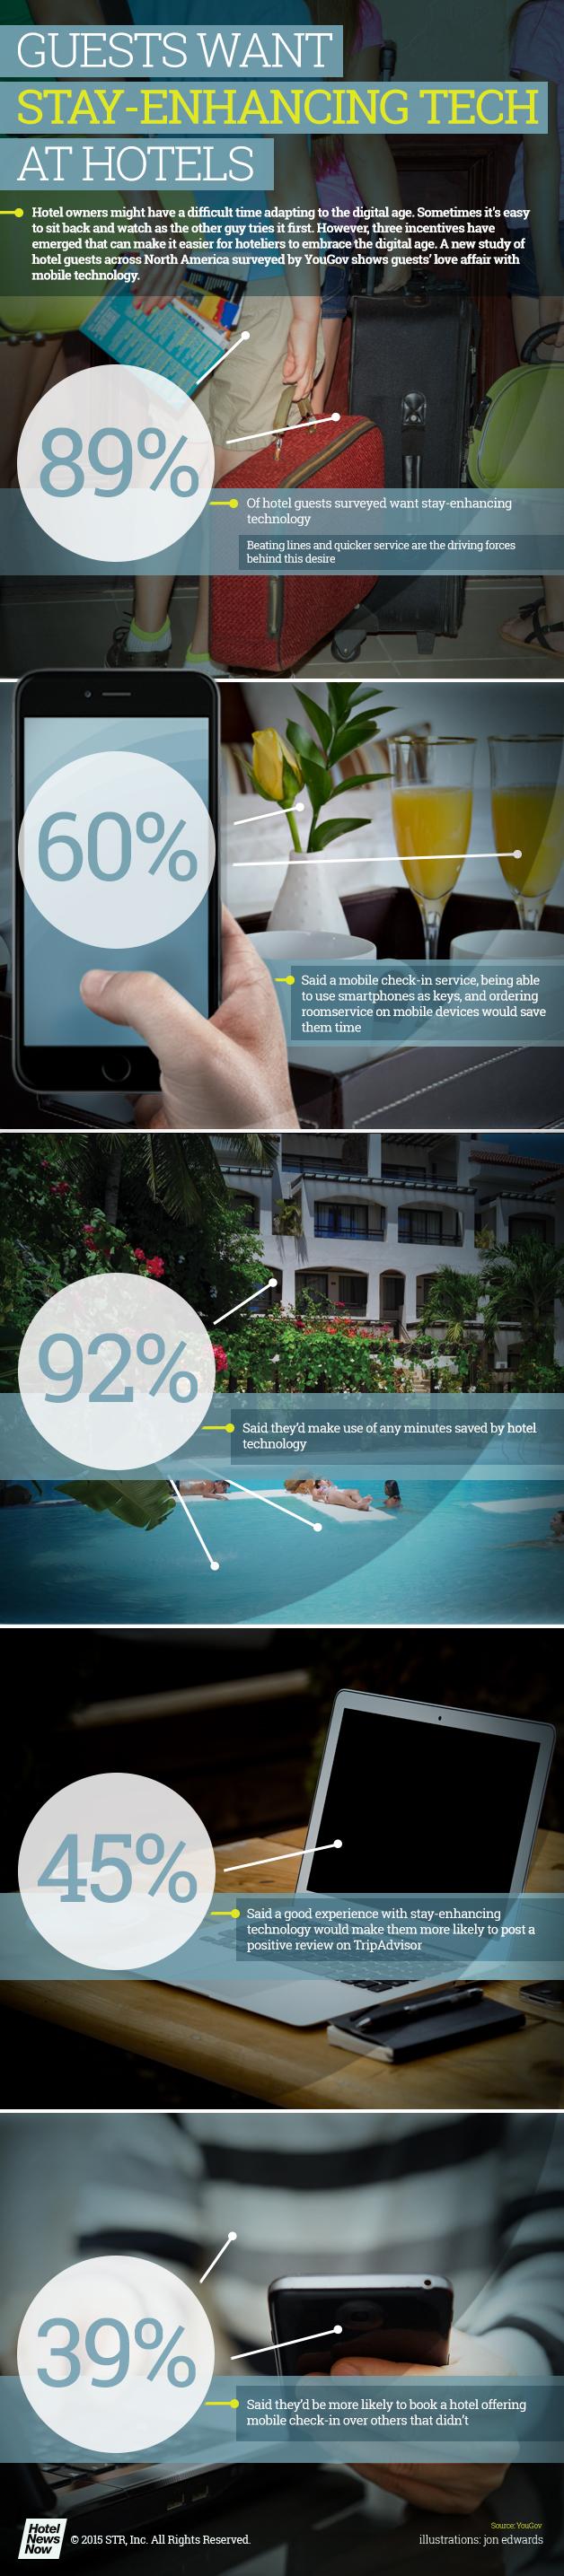 TIR_20150708_Infographic_EnhanceTech-AH,SR